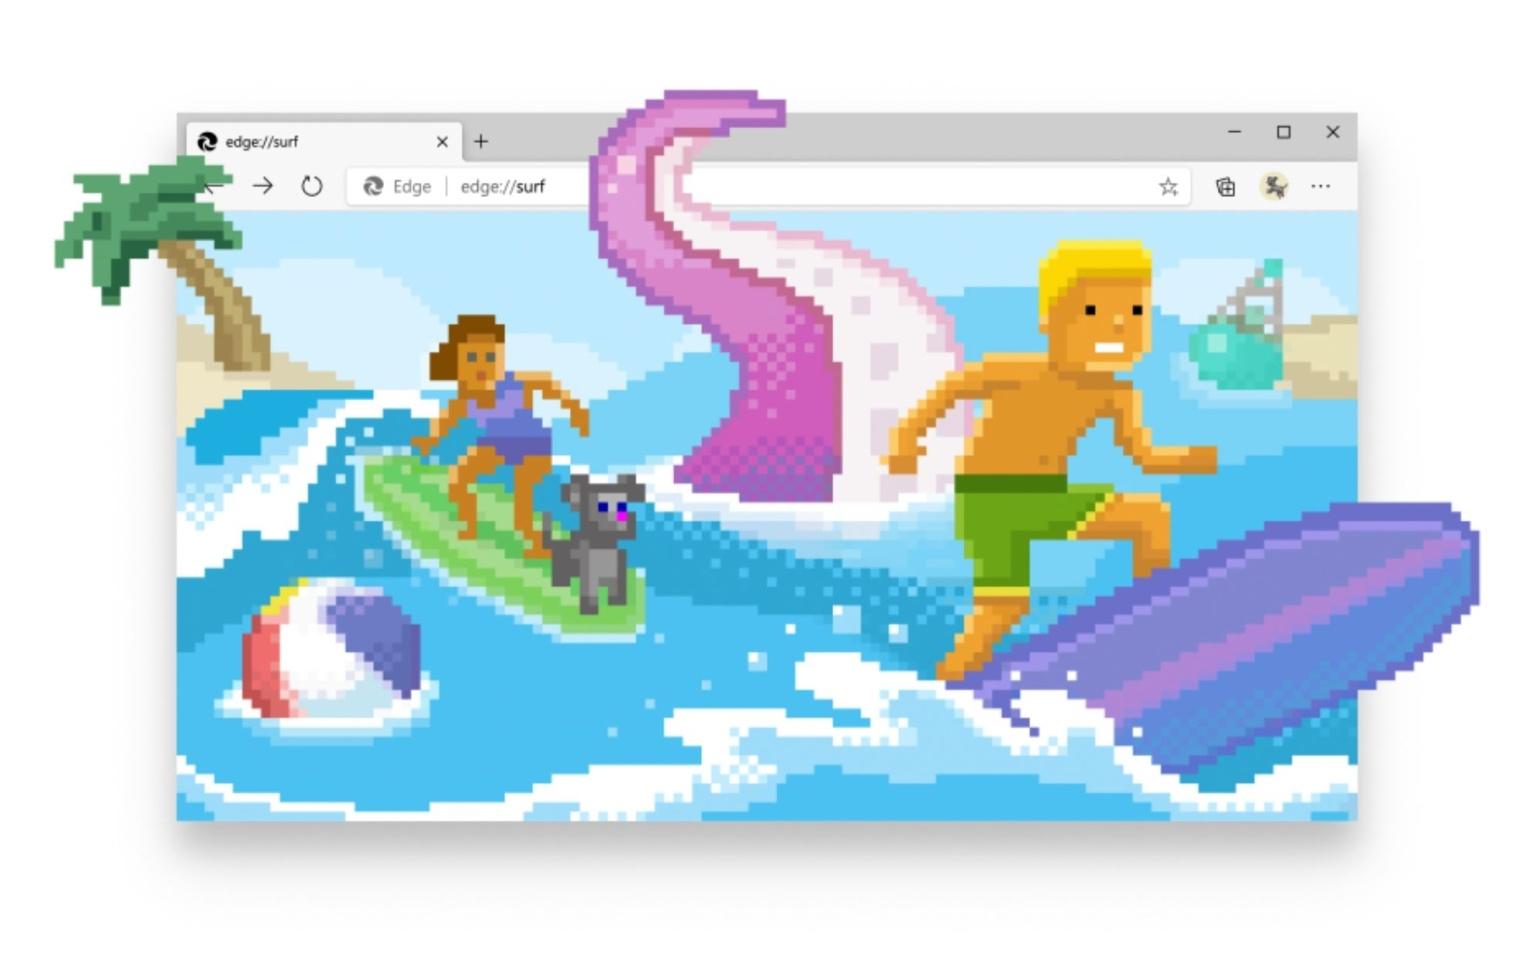 Встроенная в Microsoft Edge игра теперь доступна всем